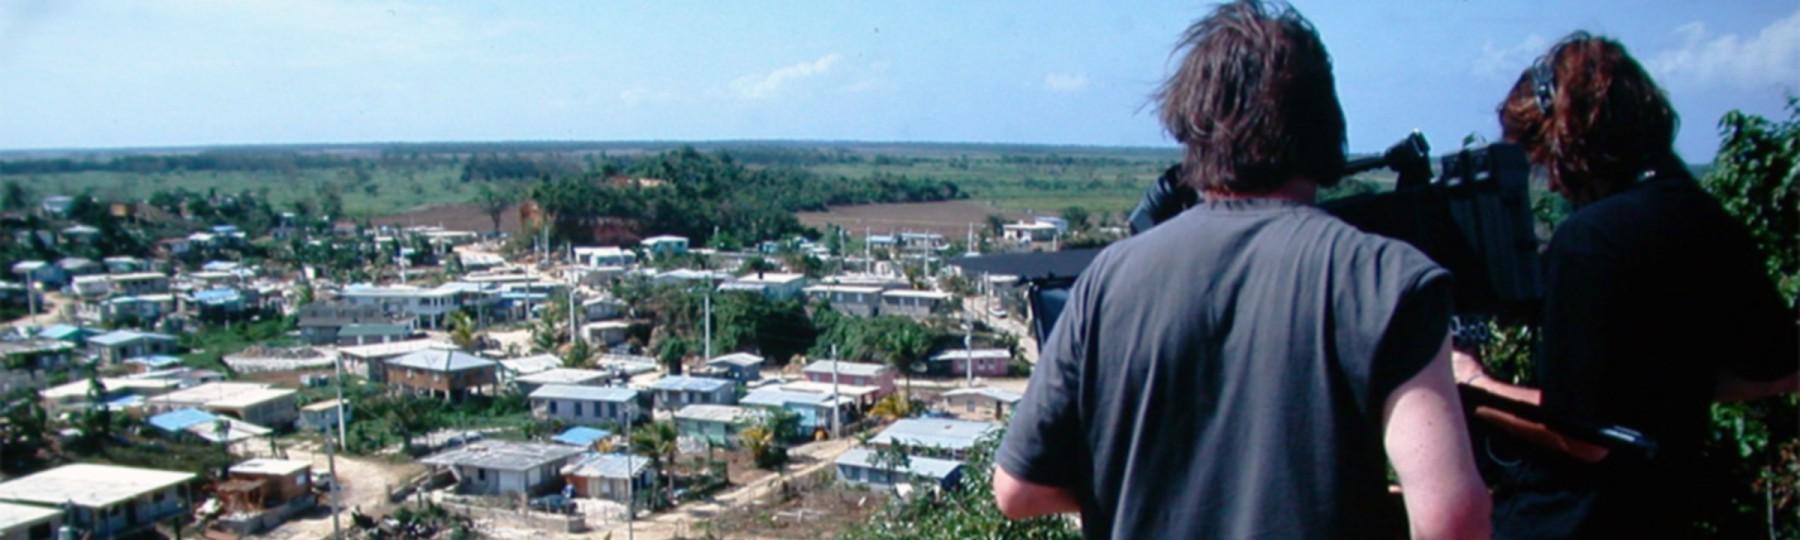 slums_puertoRico